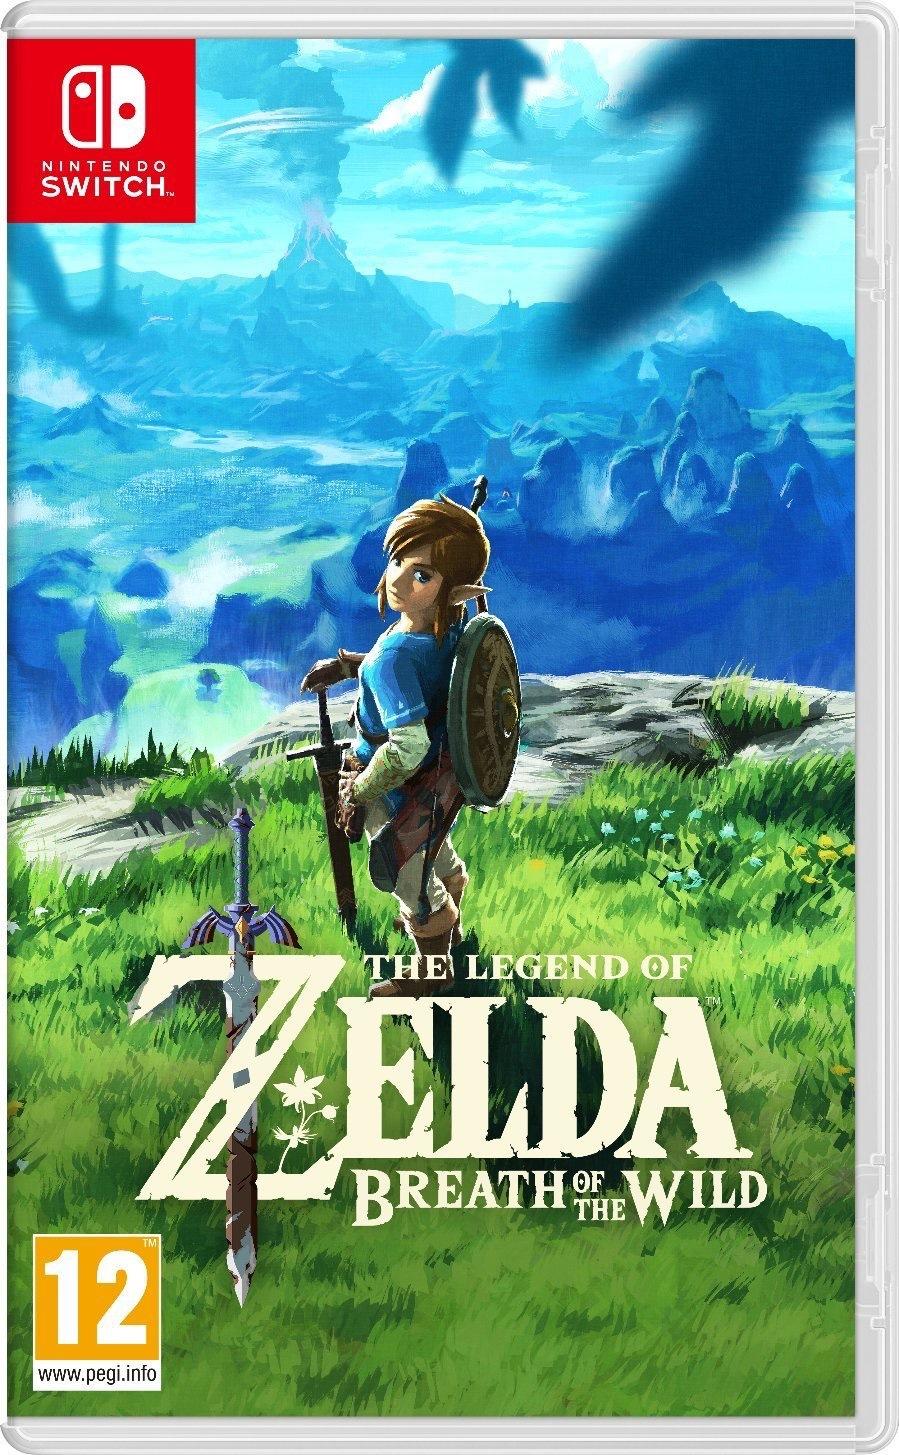 Zelda.jpeg